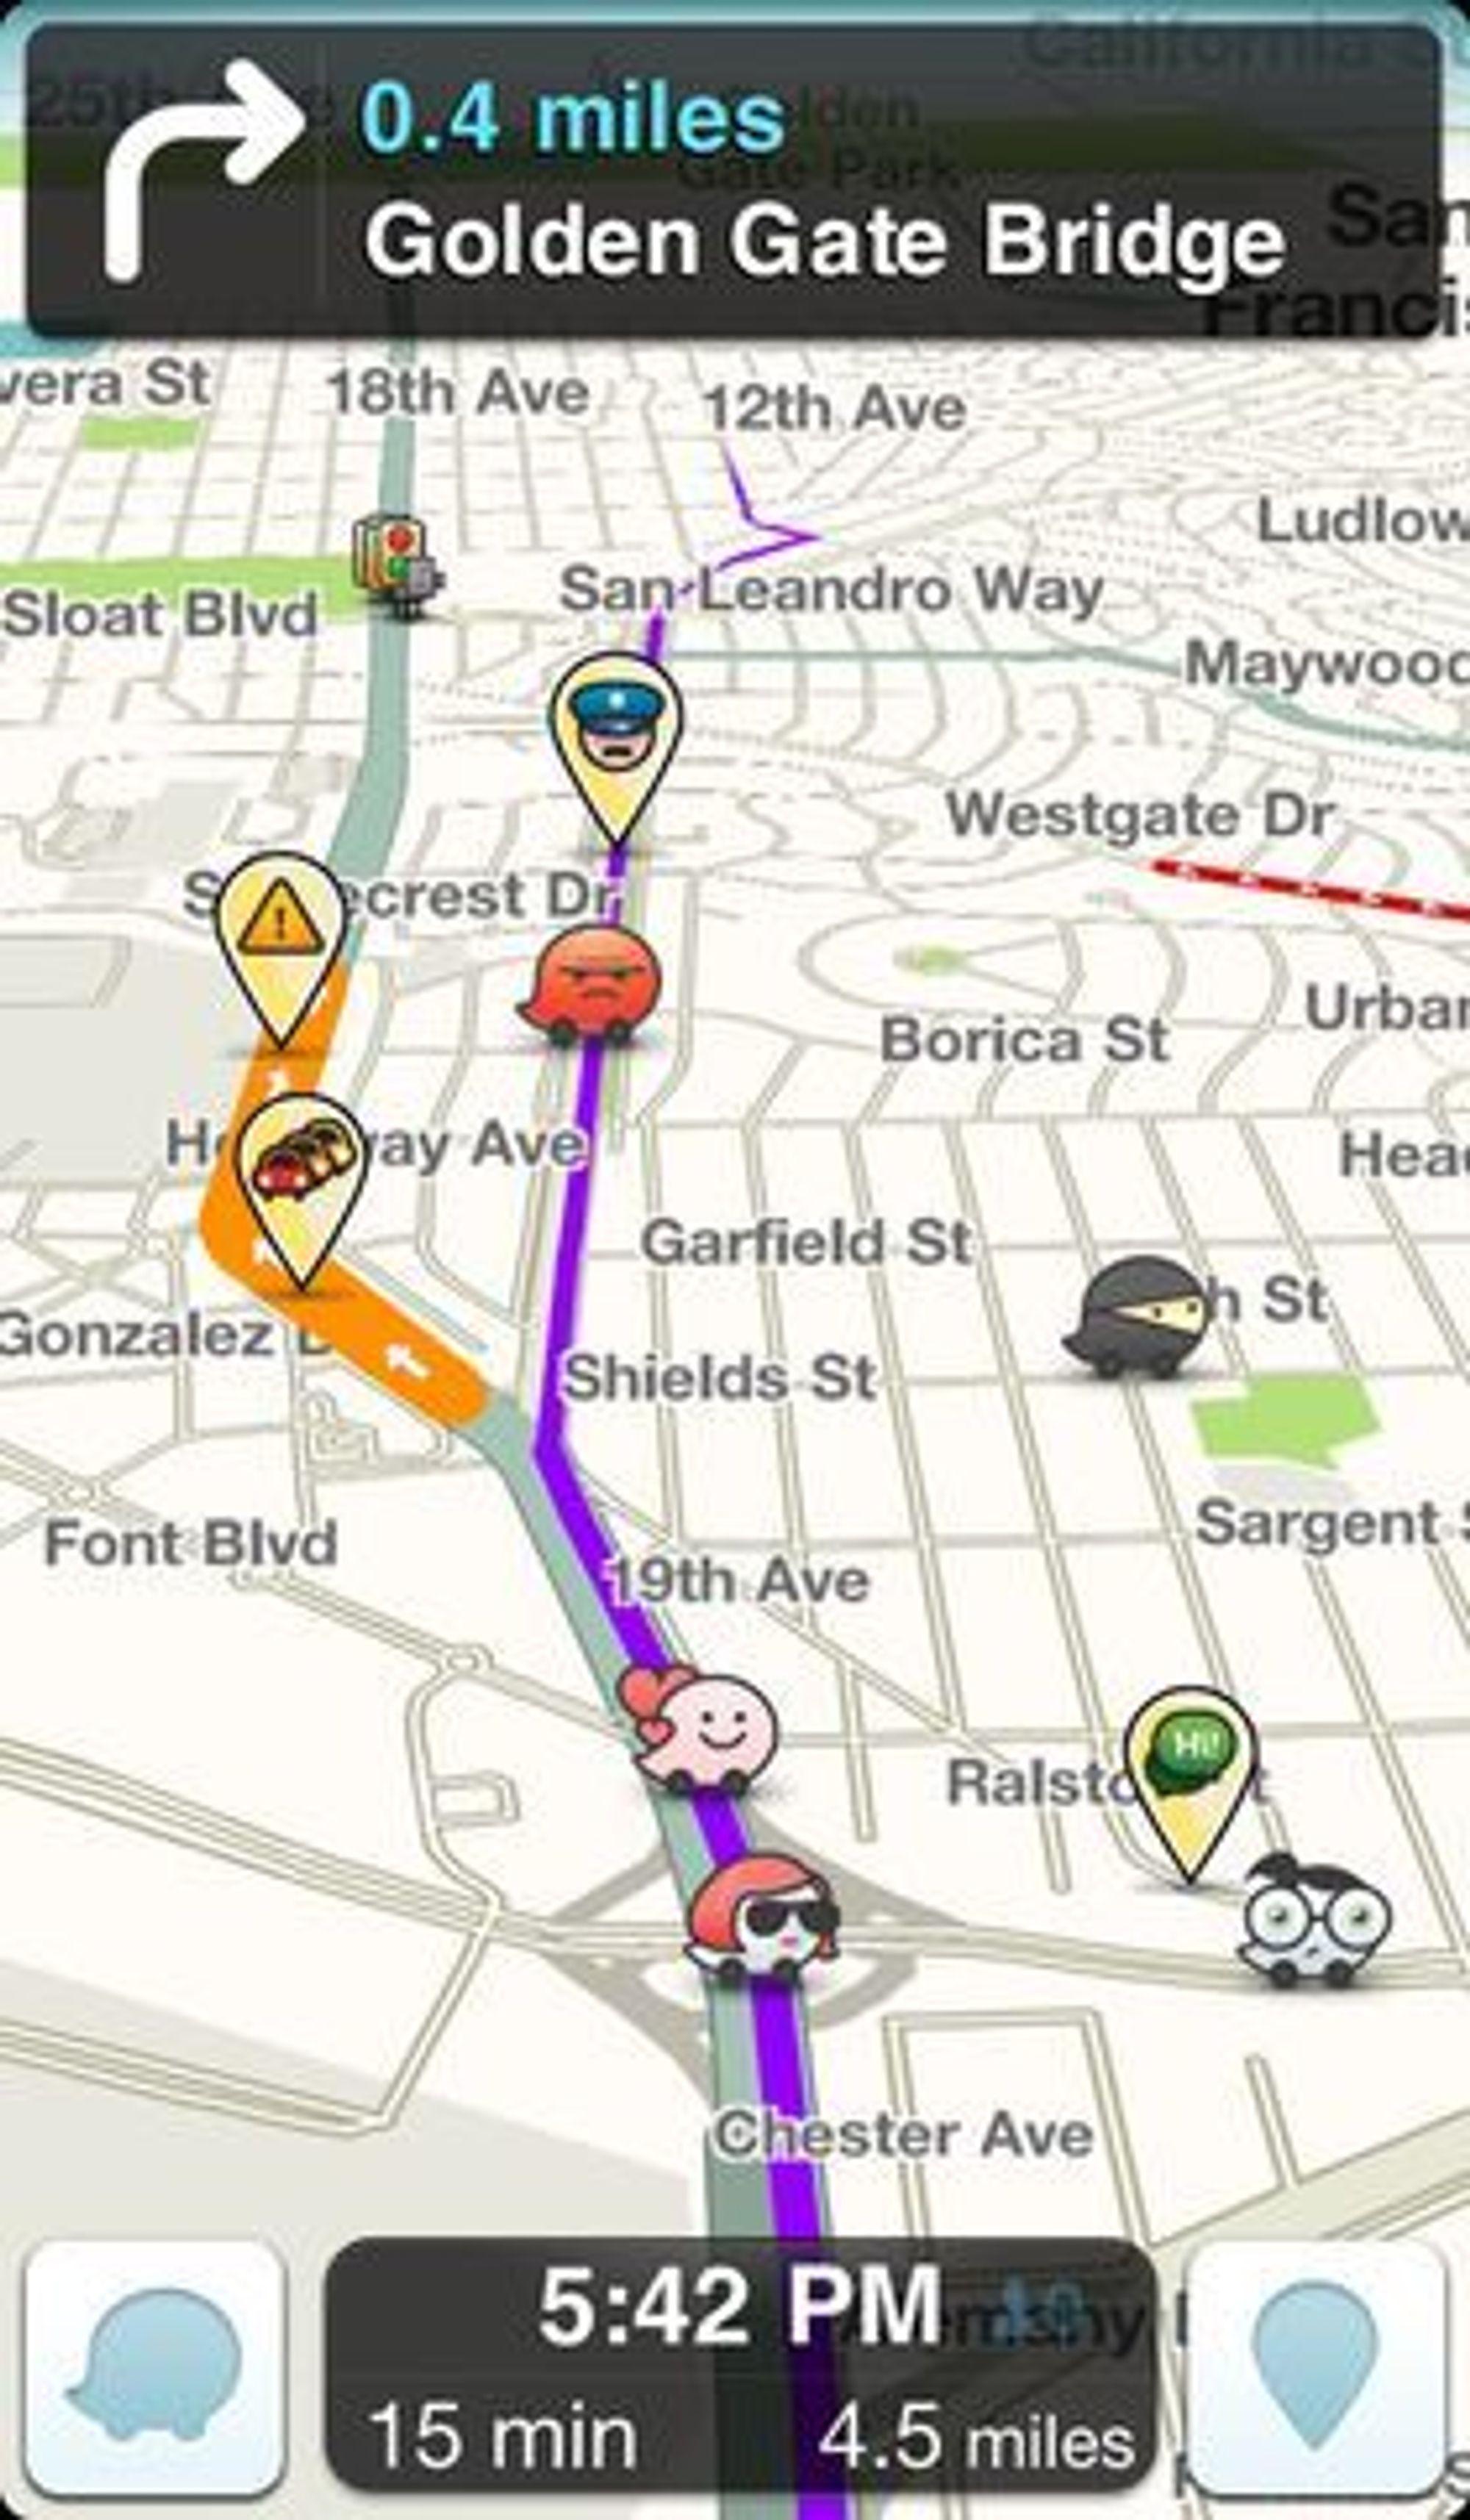 Waze-applikasjonen viser på kartet hvor det finnes ulike hindringer i veien, inkludert politikontroller og kø.